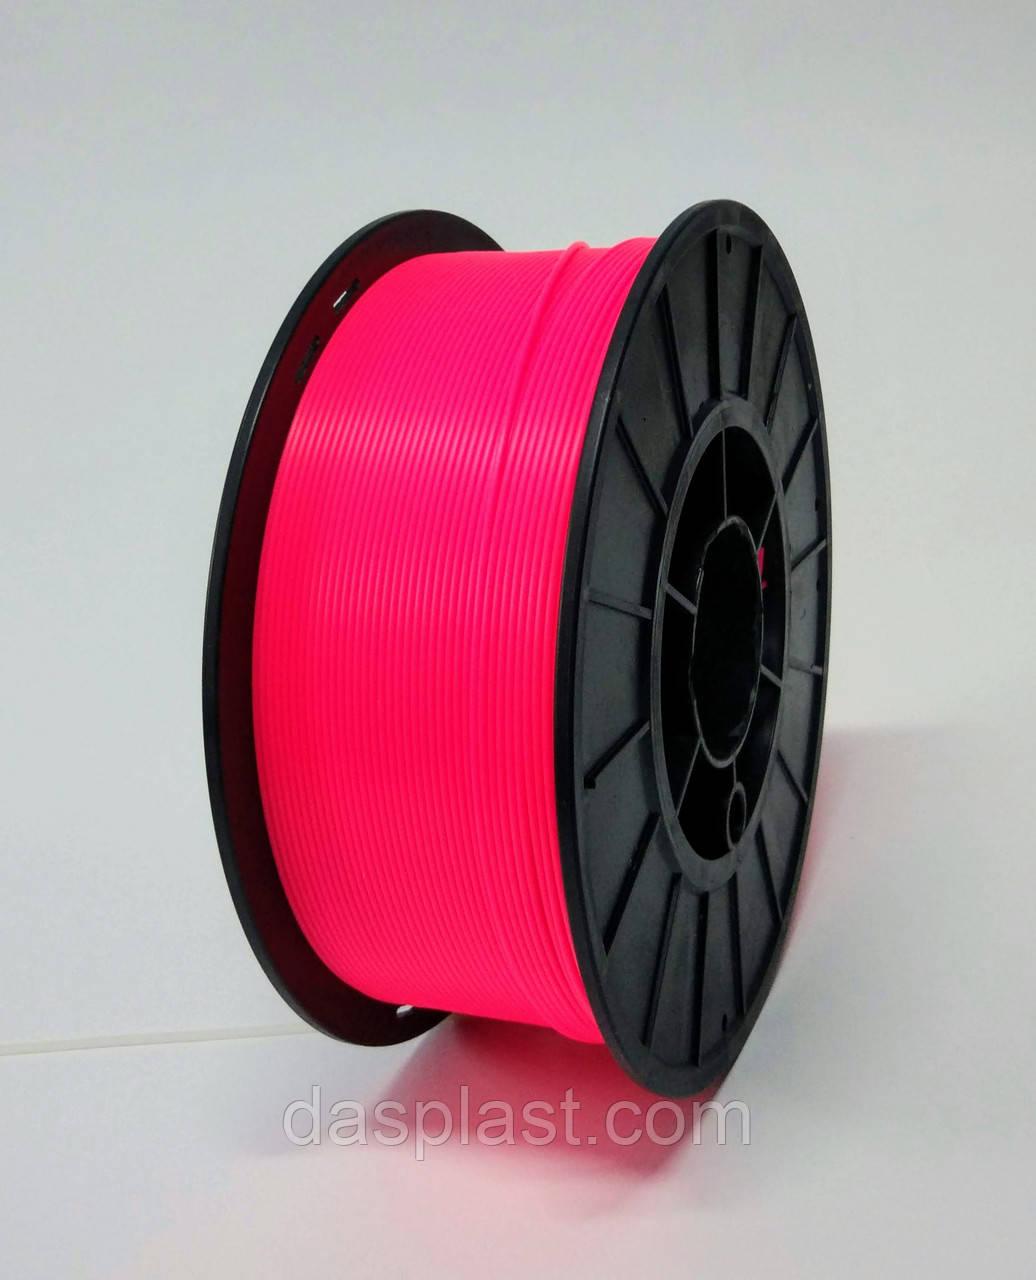 АБС пластик 1 кг для 3d принтеров и ручек, пурпурный неоновый